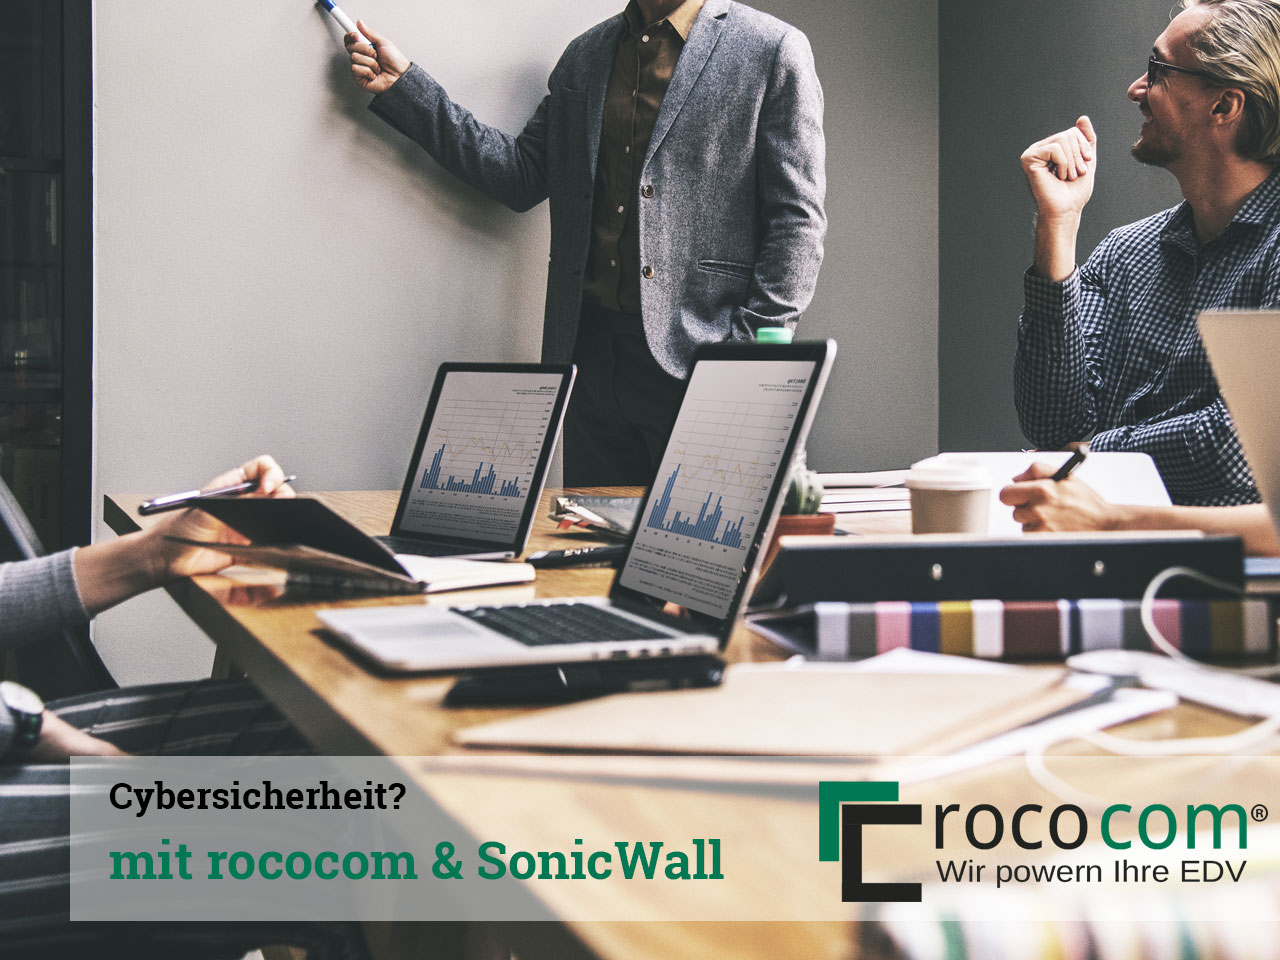 Cybersicherheit? Mit rococom und SonicWall!